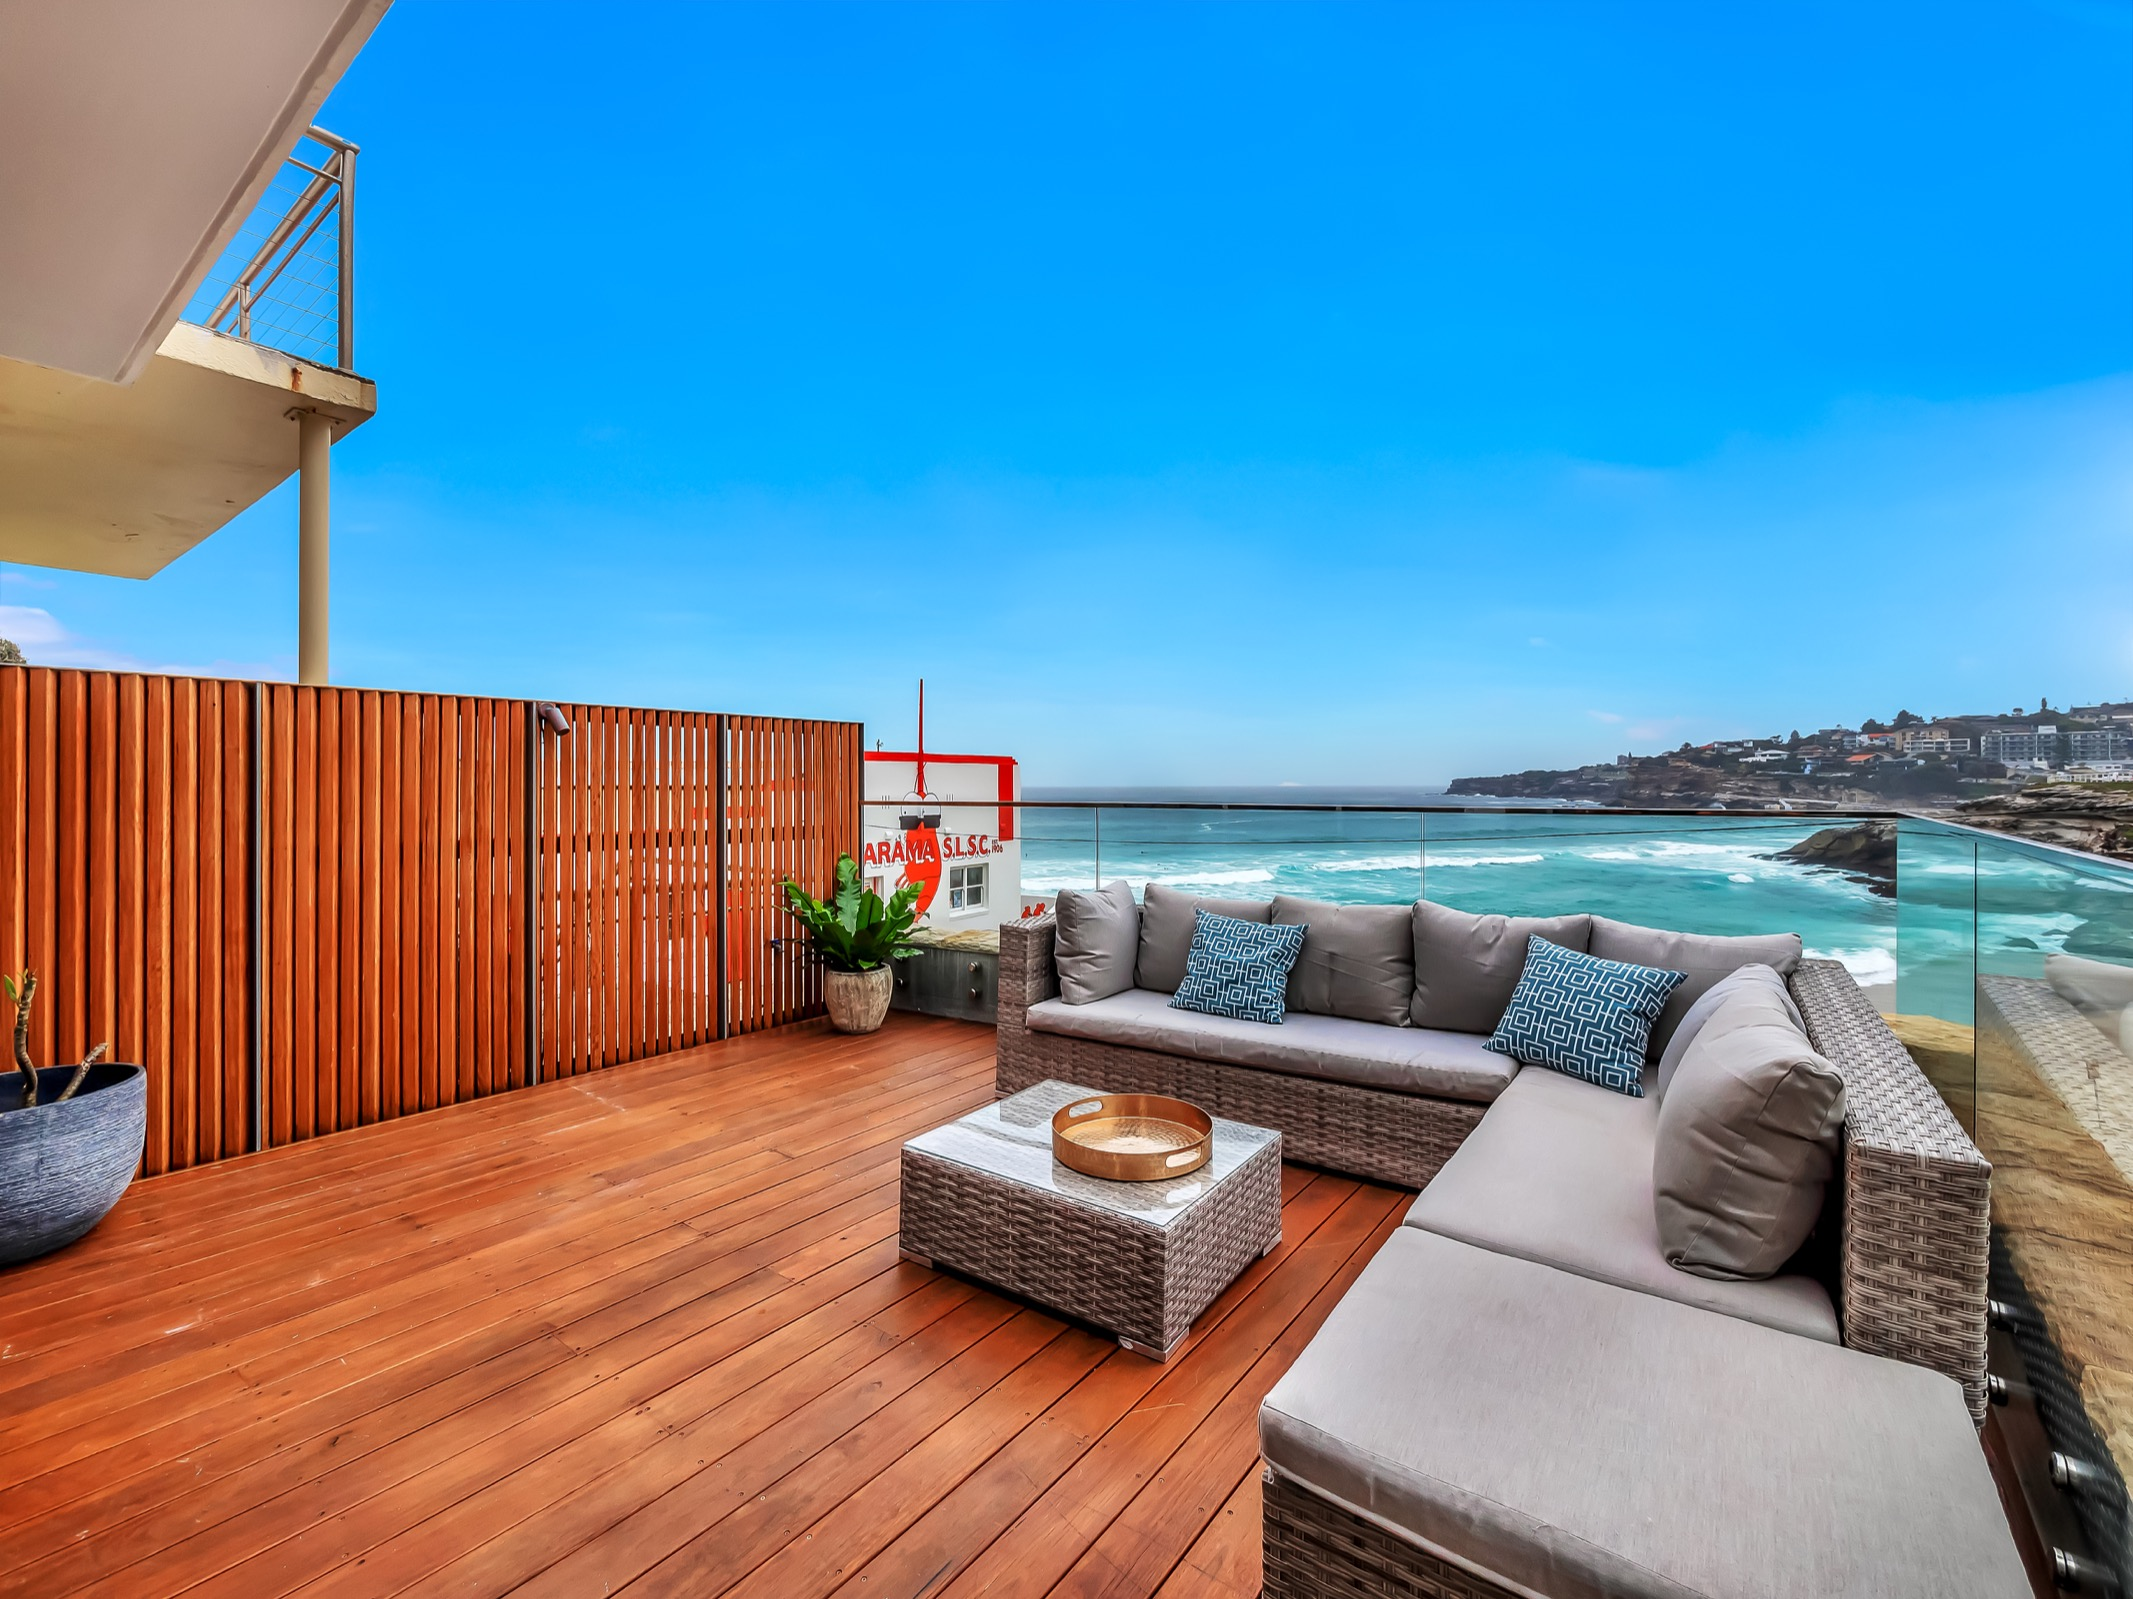 Beachfront Suite Tamarama. Bondi Beach Holiday Homes3.jpg